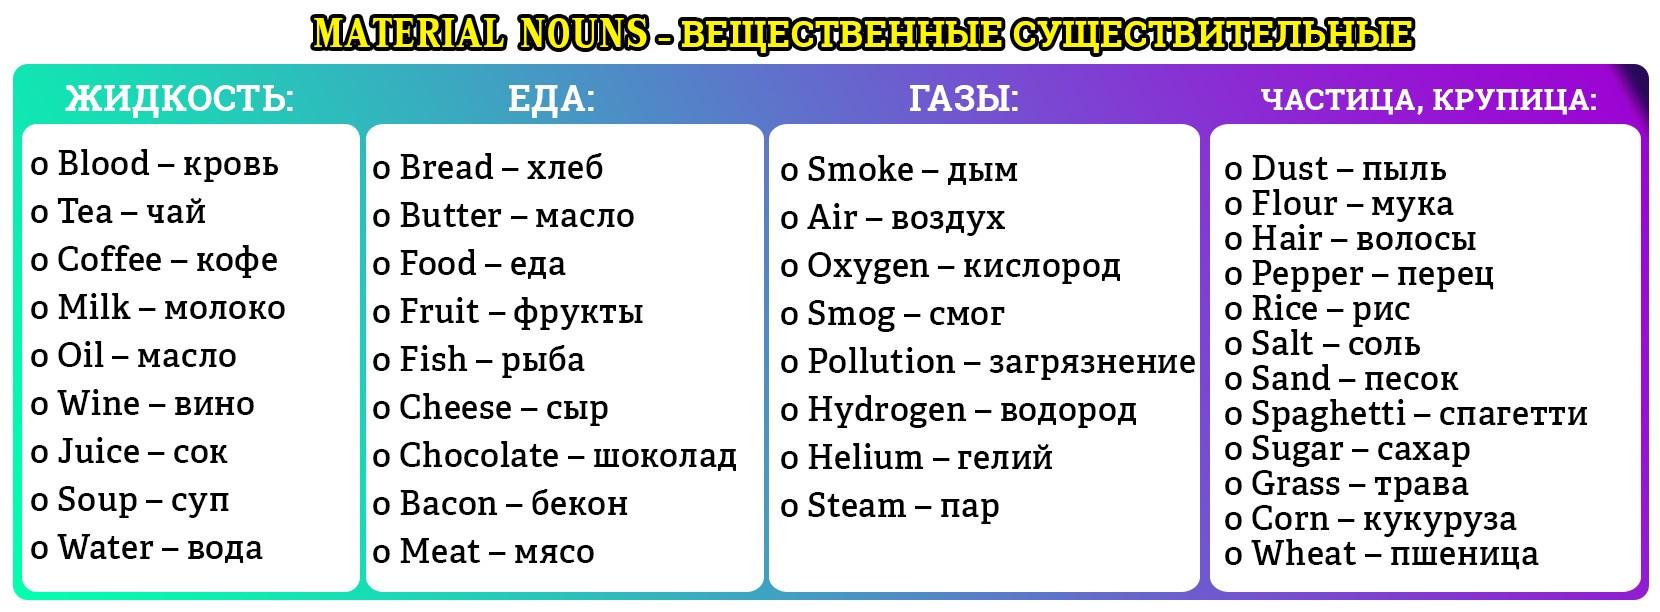 неисчисляемые вещественные существительные -mass-nouns